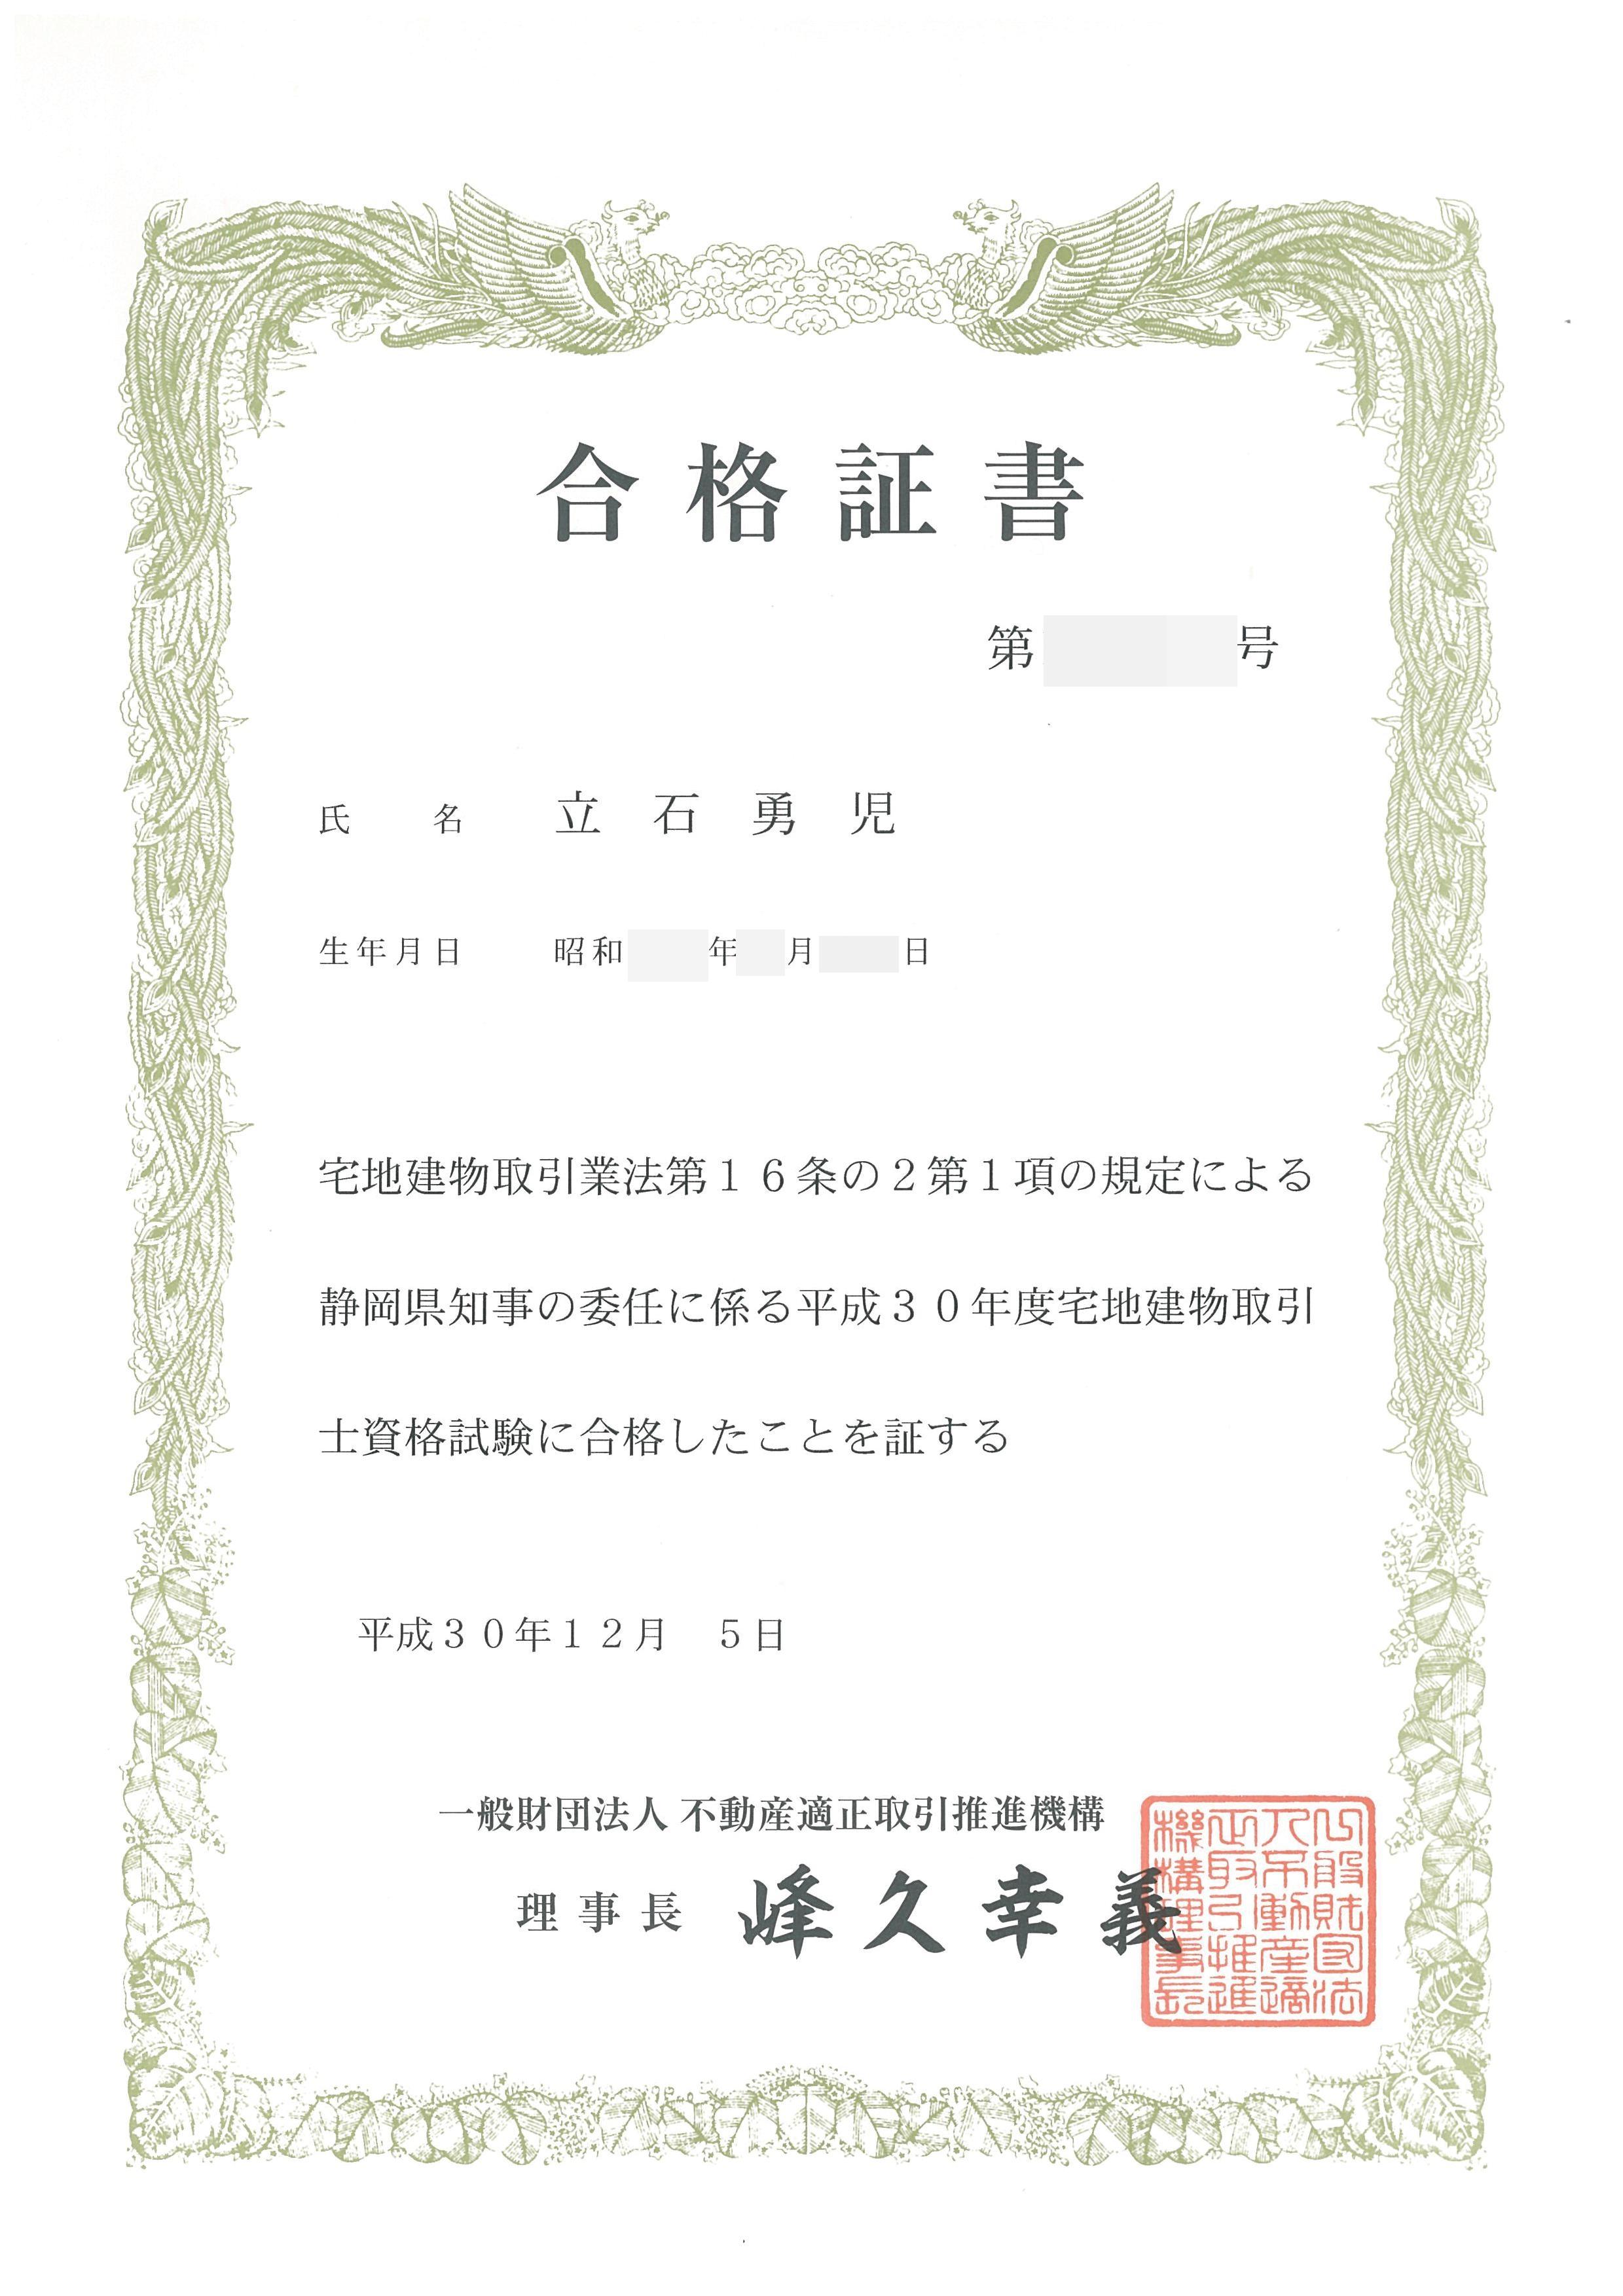 宅建試験に合格しました!